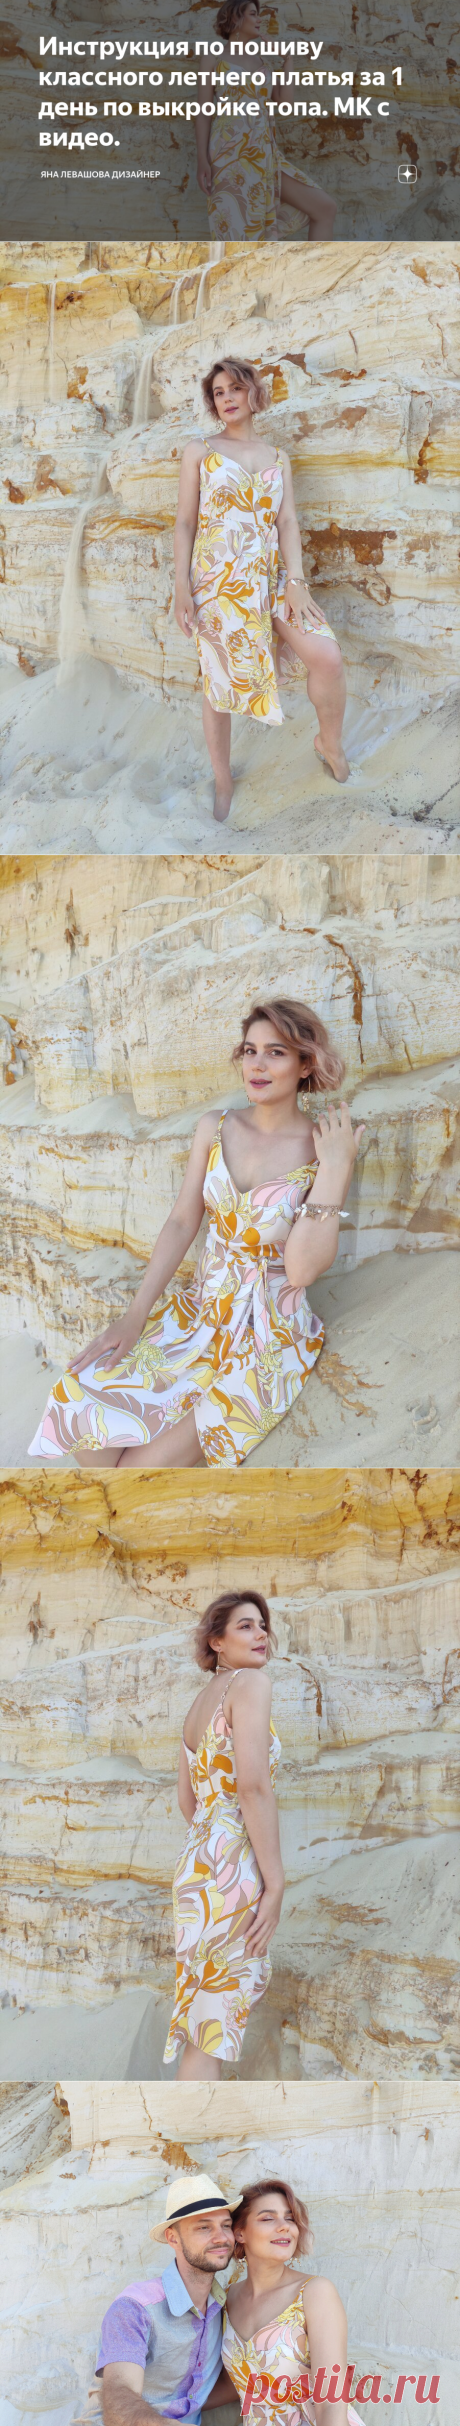 Инструкция по пошиву классного летнего платья за 1 день по выкройке топа. МК с видео.   Яна Левашова Дизайнер   Яндекс Дзен